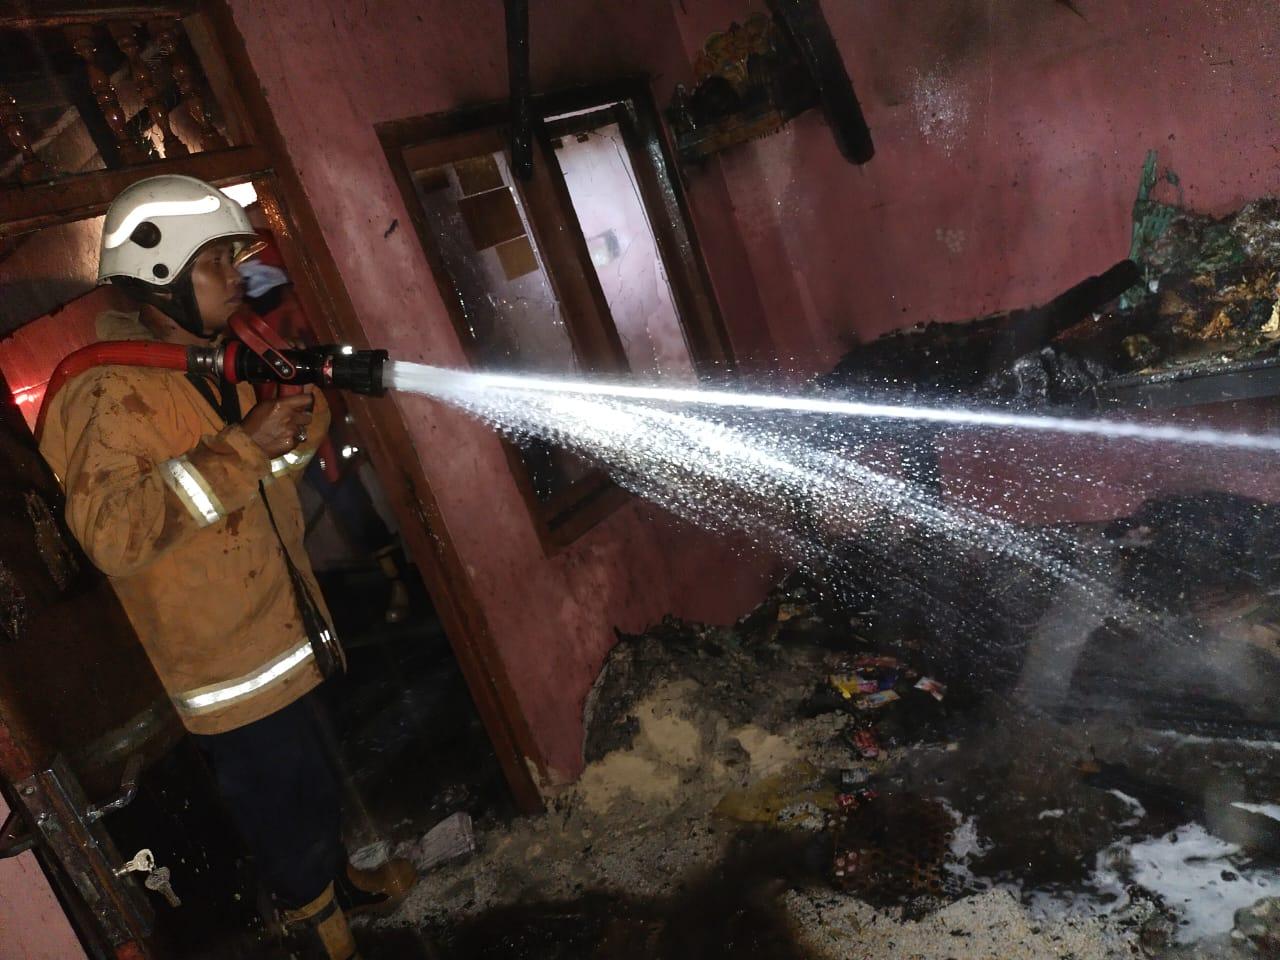 PETUGAS pemadam kebakaran memadamkan api yang menghanguskan satu bangunan di Banjar Penginyahan, Desa Tianyar, Kubu, Karangasem, Minggu (17/1/2021) tengah malam. Foto: ist